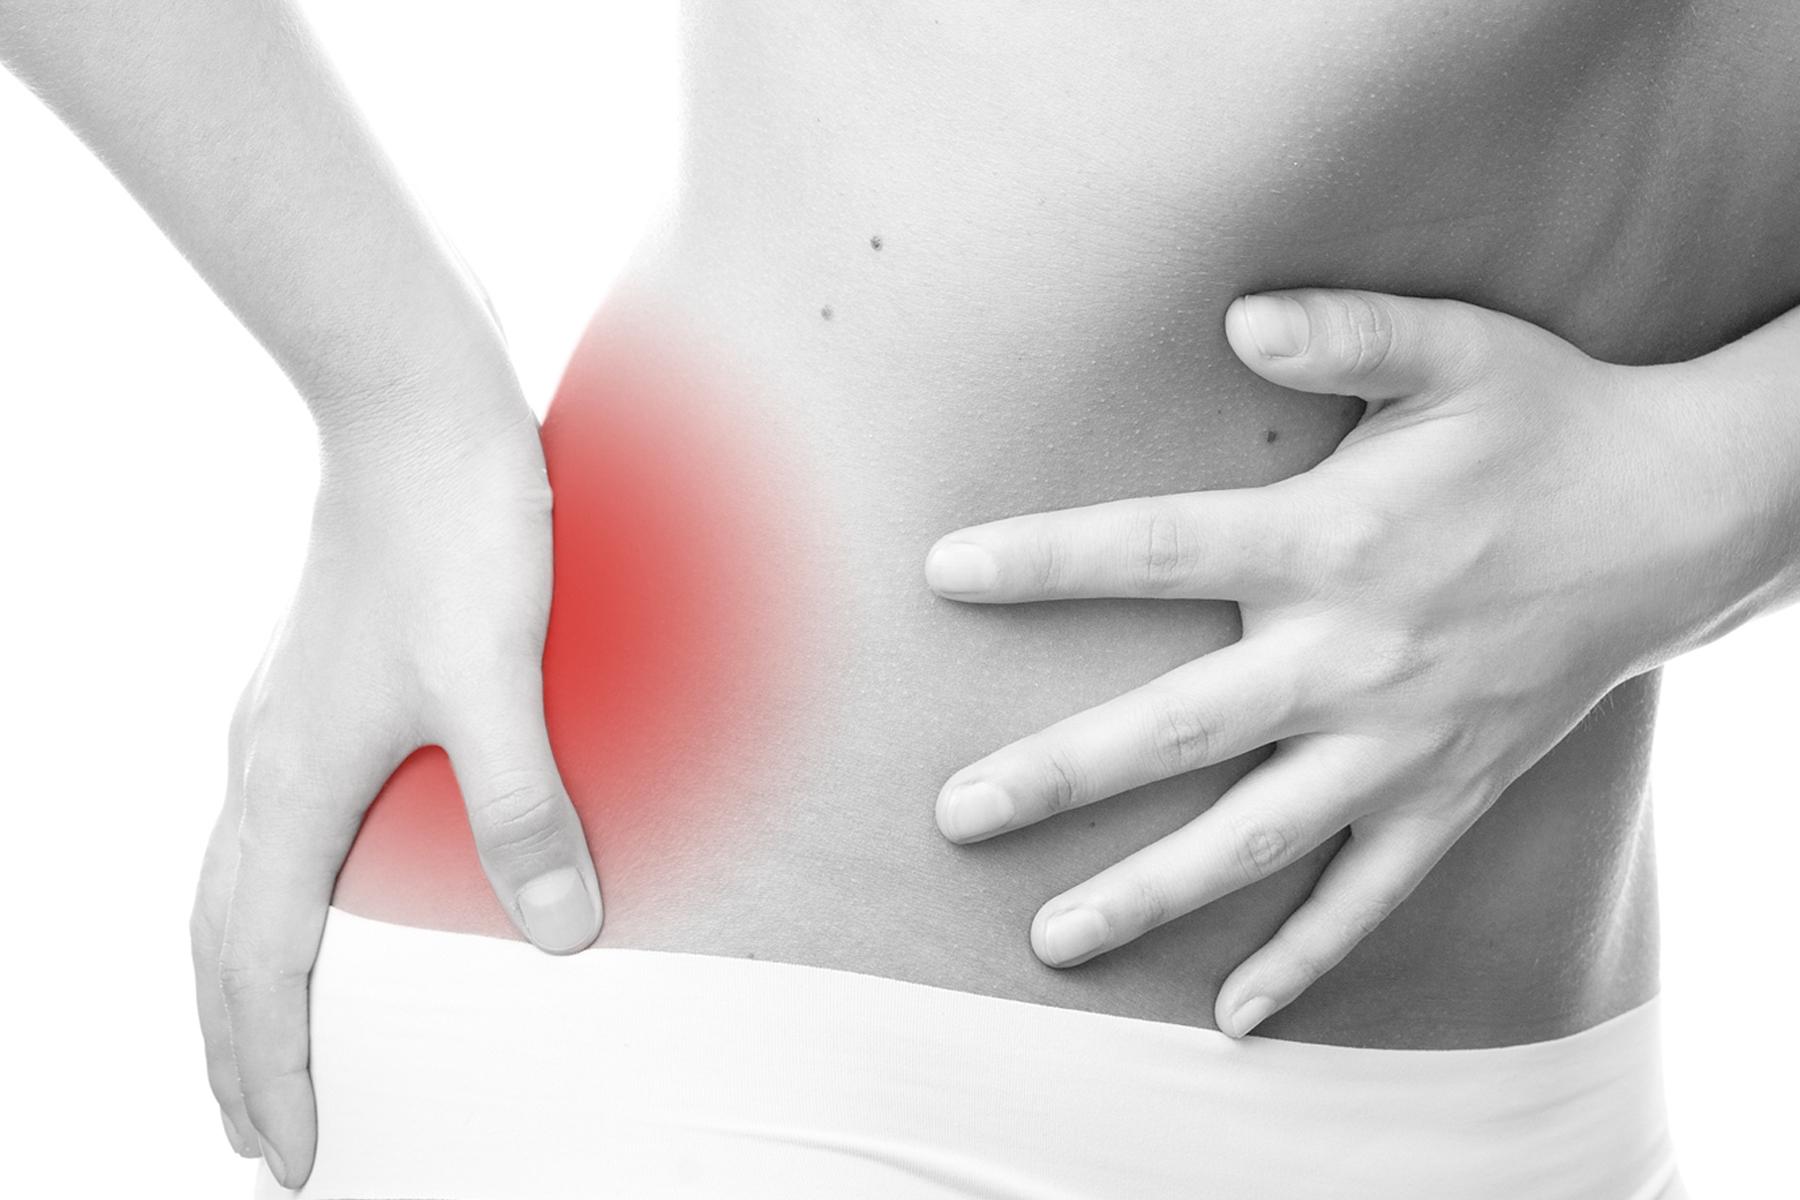 Что делать если зажало нерв в пояснице в спине? Как снять боль если защемило нерв в спине под лопаткой и между лопаток. Мазь от боли в спине